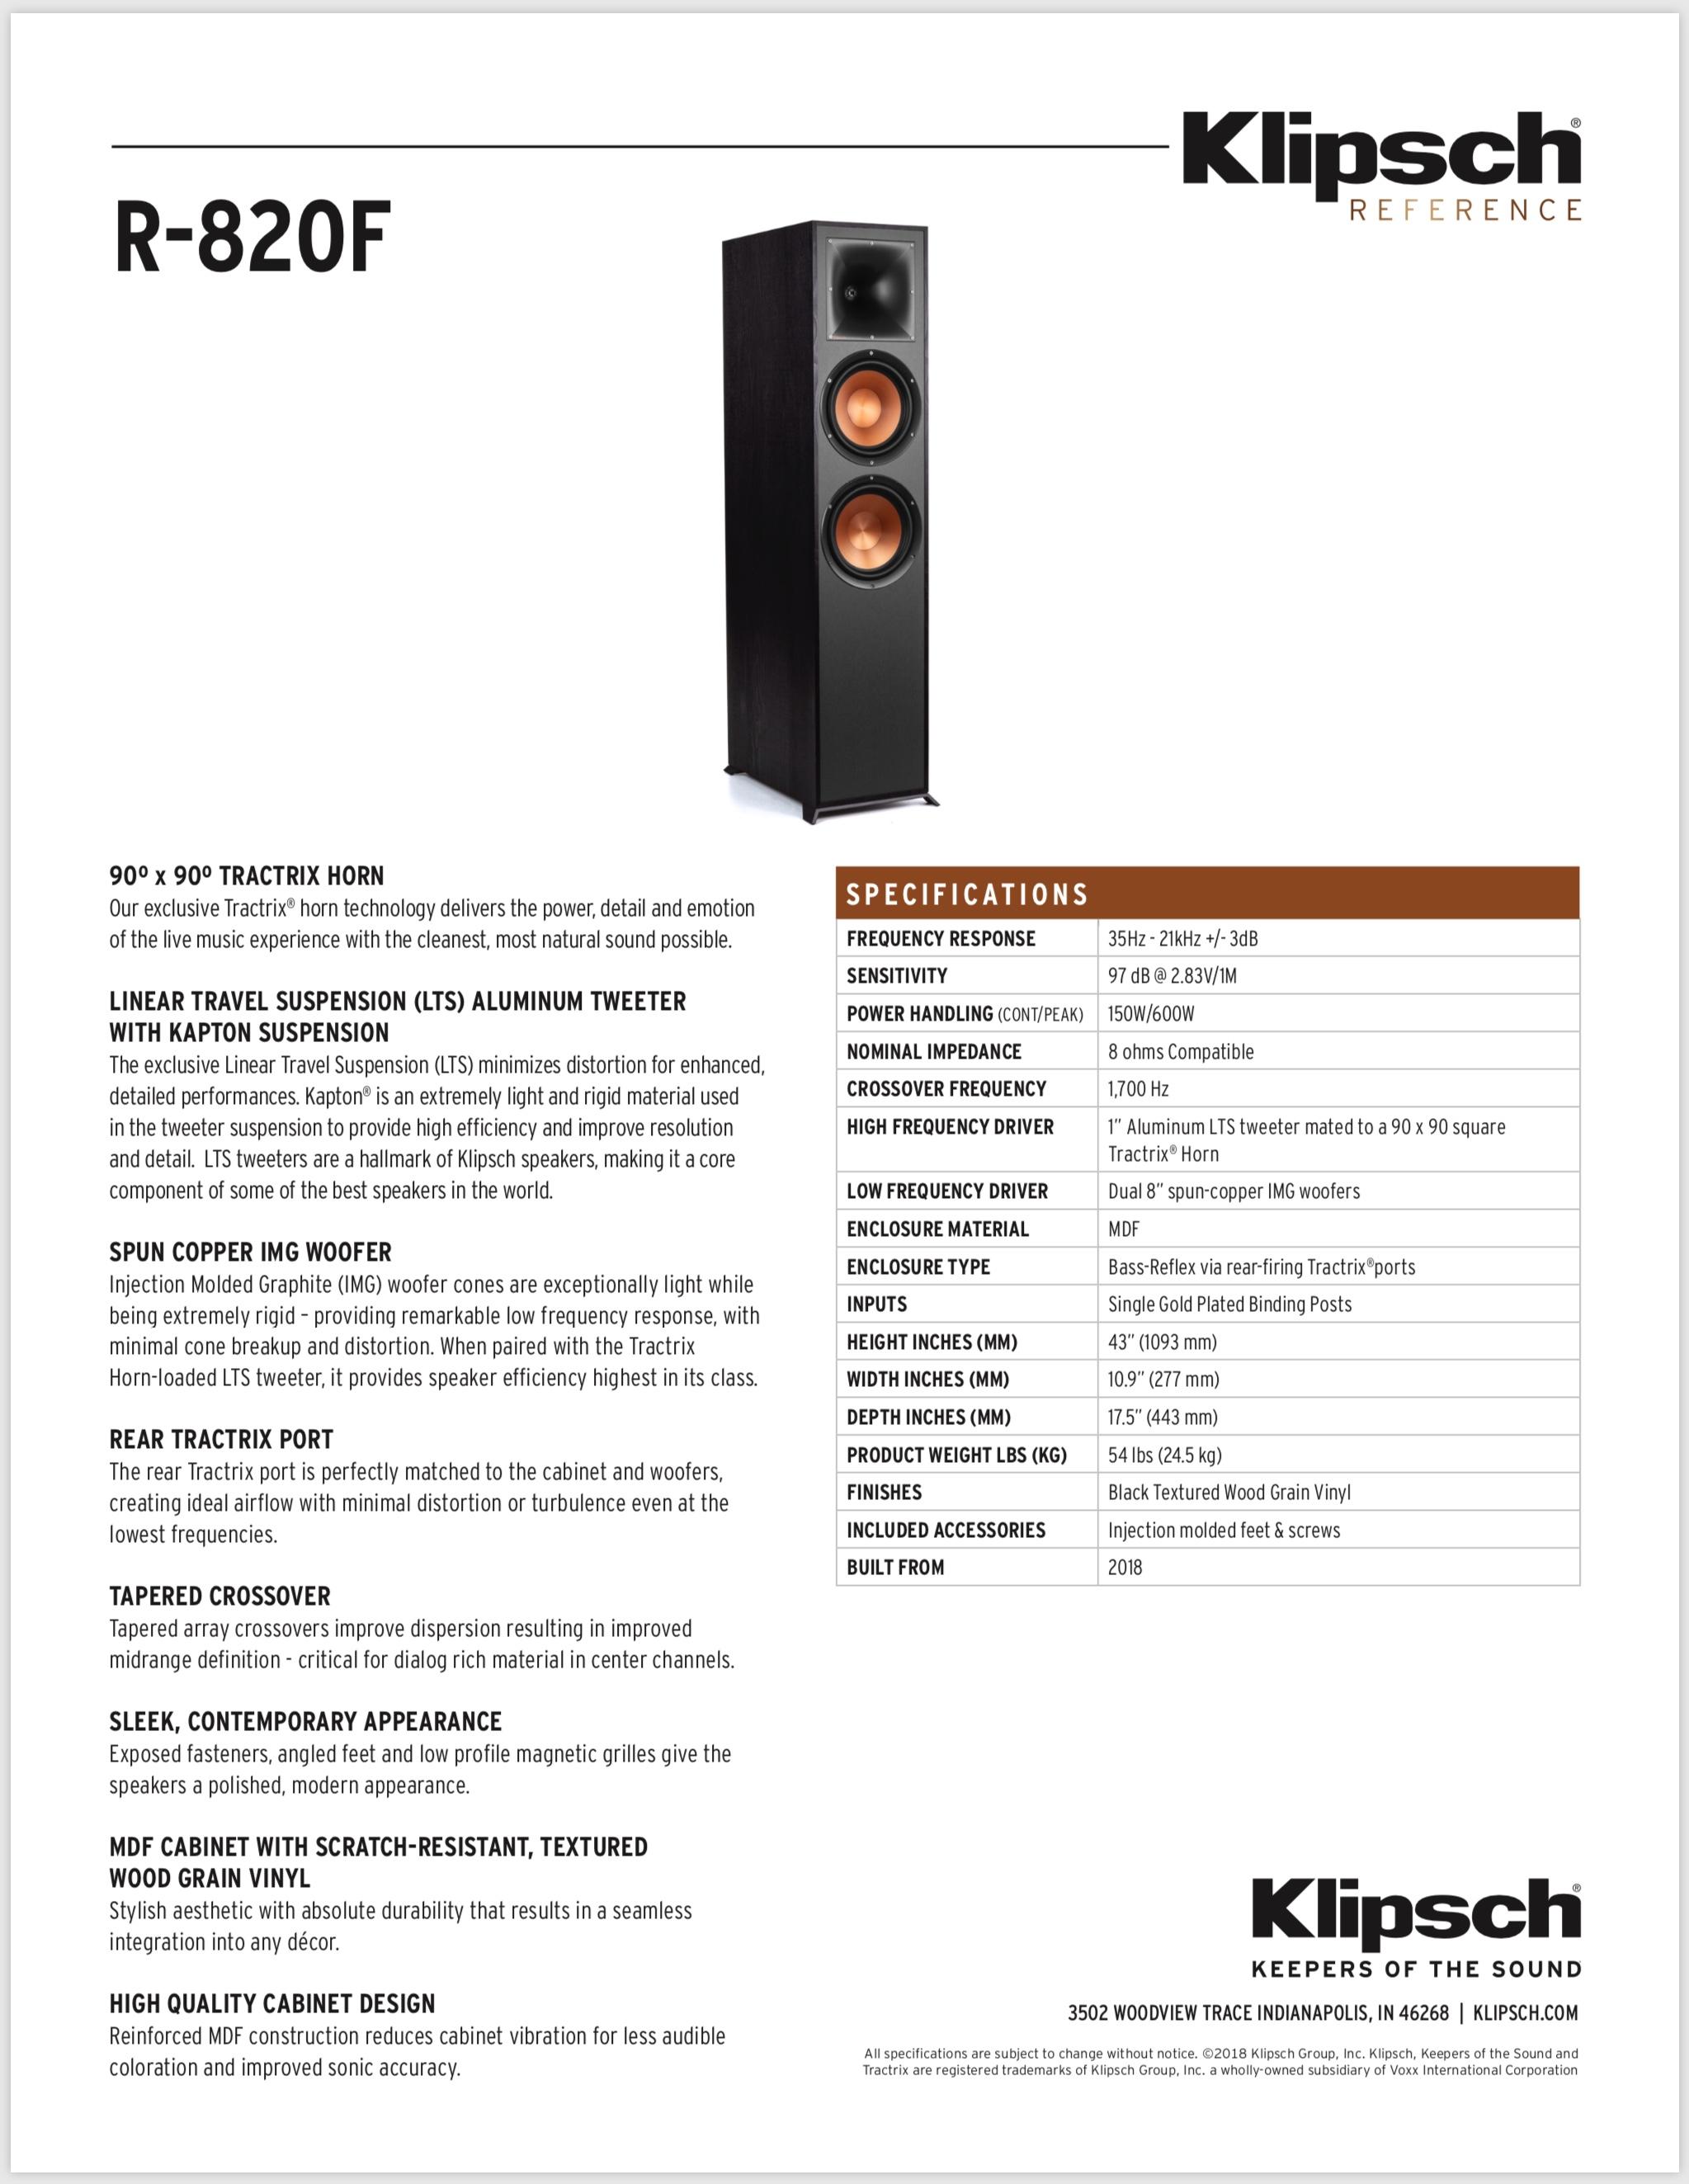 Αποτέλεσμα εικόνας για KLIPSCH R-820F SPECIFICATIONS